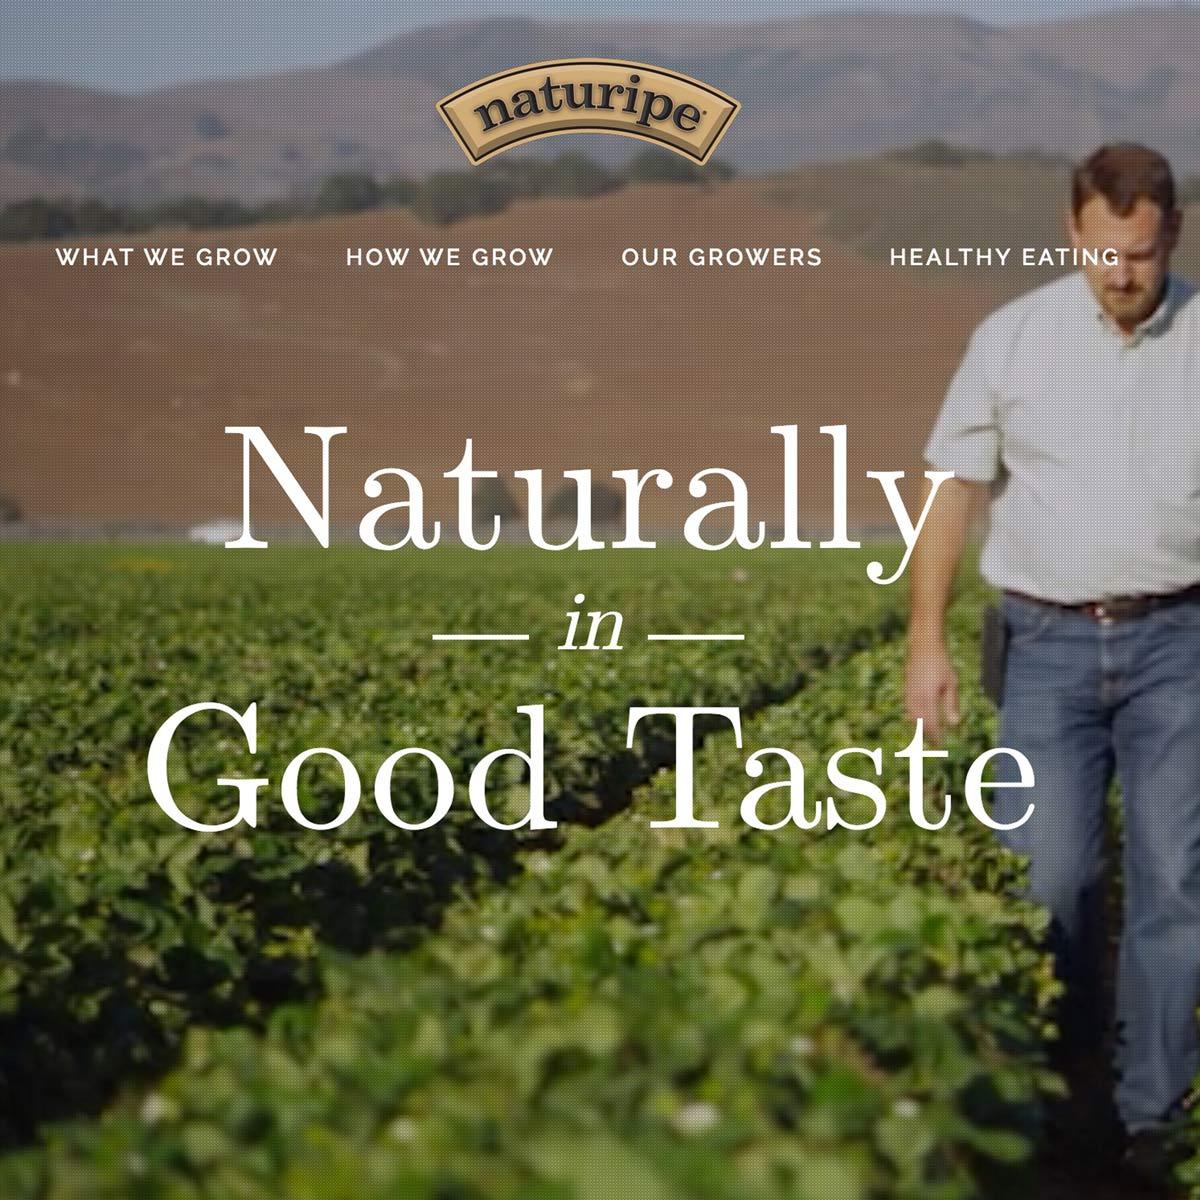 Naturipe Farms